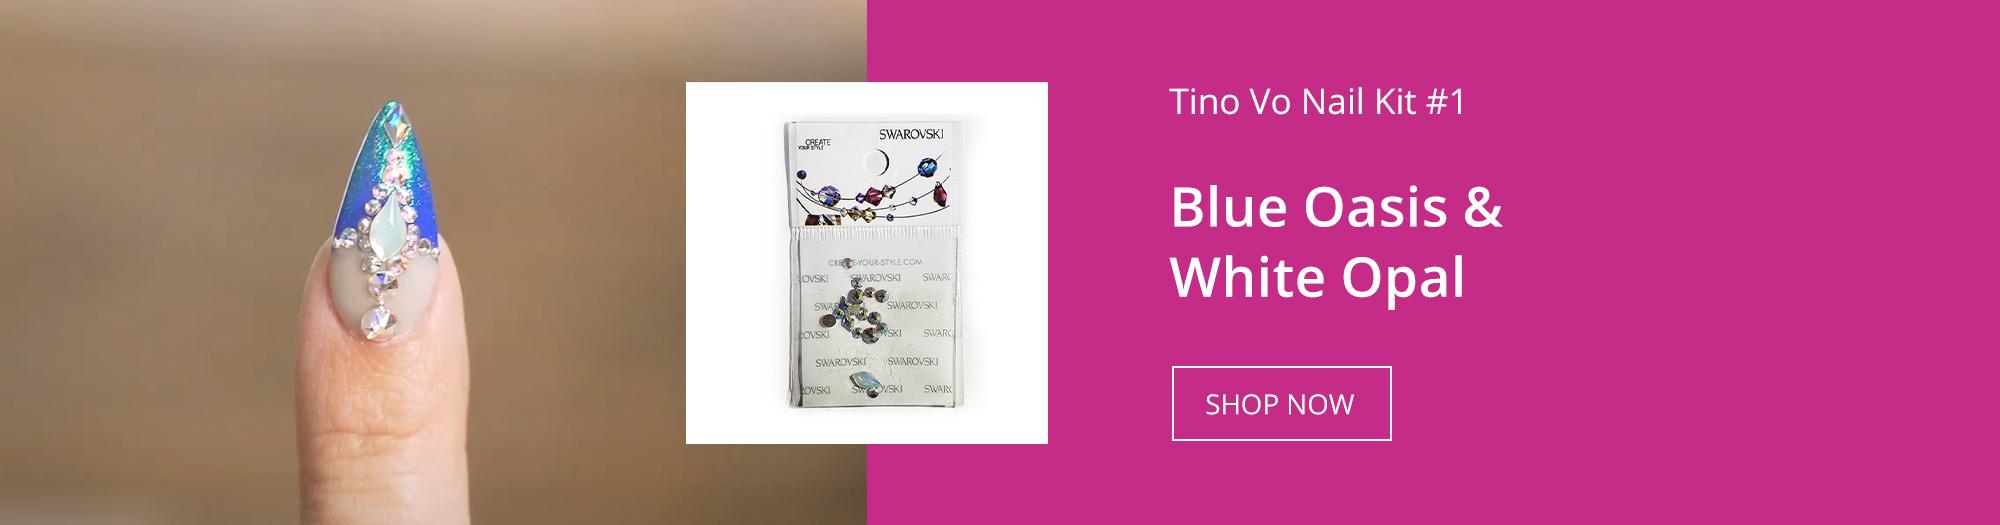 Tino Kit #1